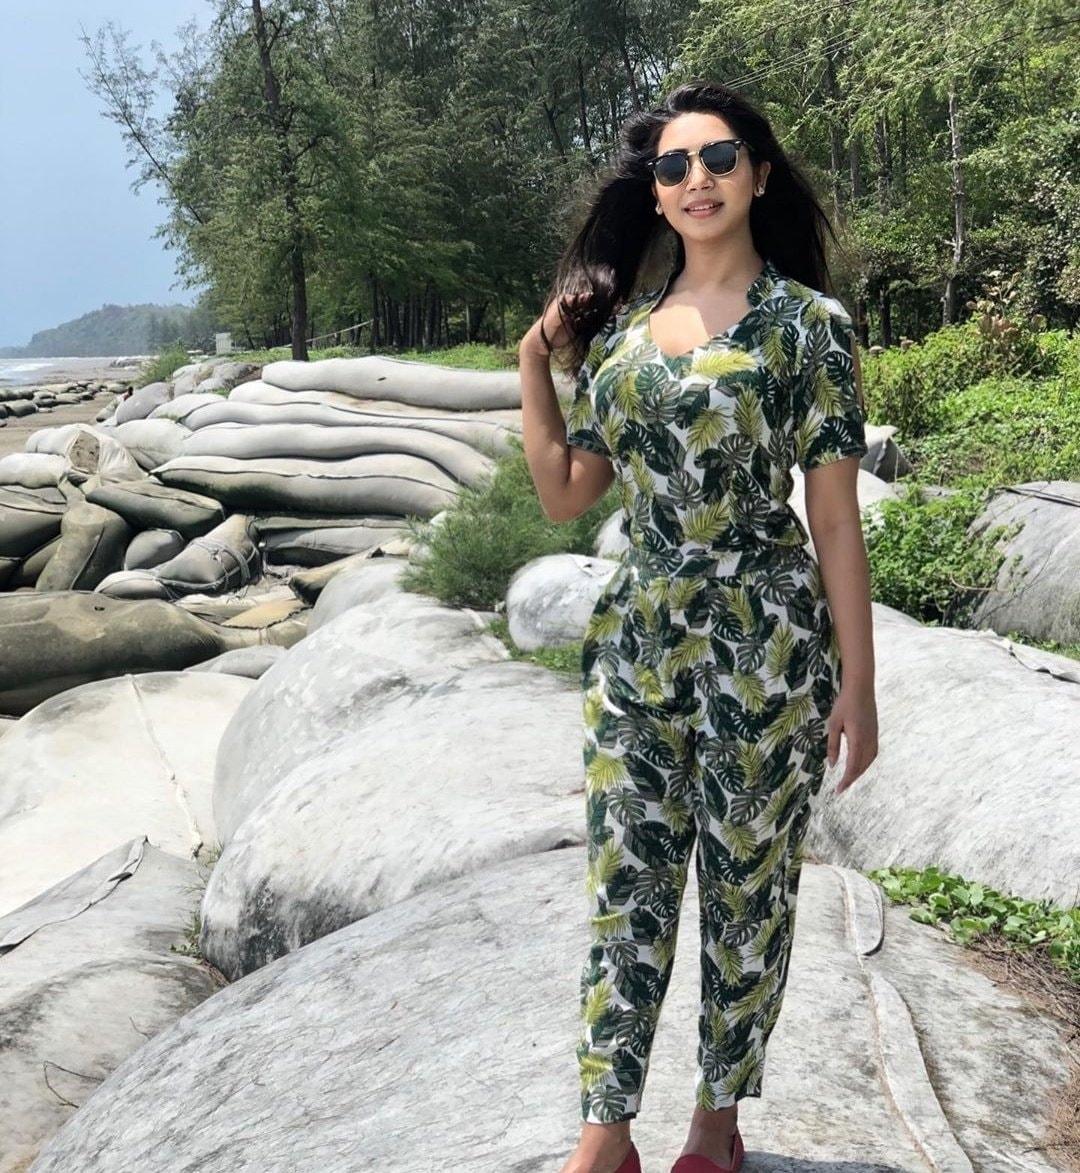 মডেল এবং অভিনেত্রী সাদিয়া জাহান প্রভার কিছু ছবি 8